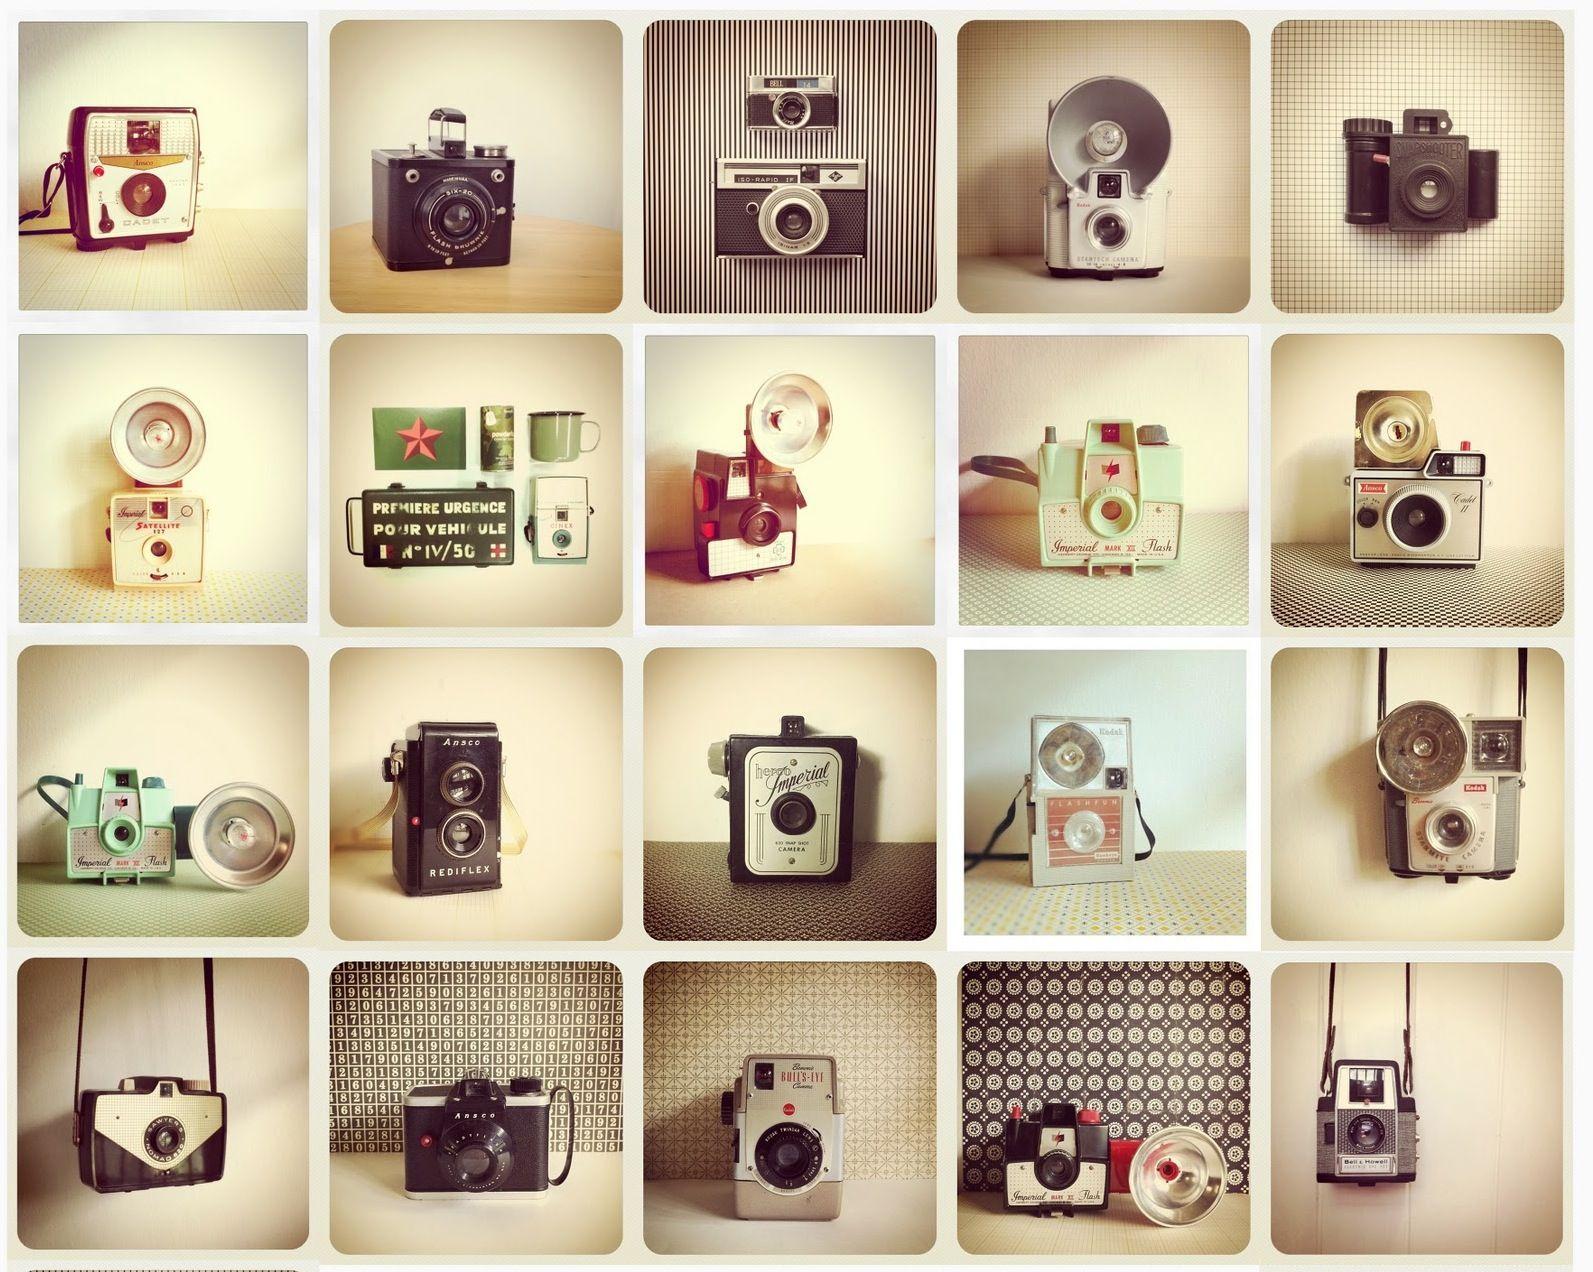 Vintage Camera Wallpaper 45703 Hd Wallpaper Desktop Res 1593x1272